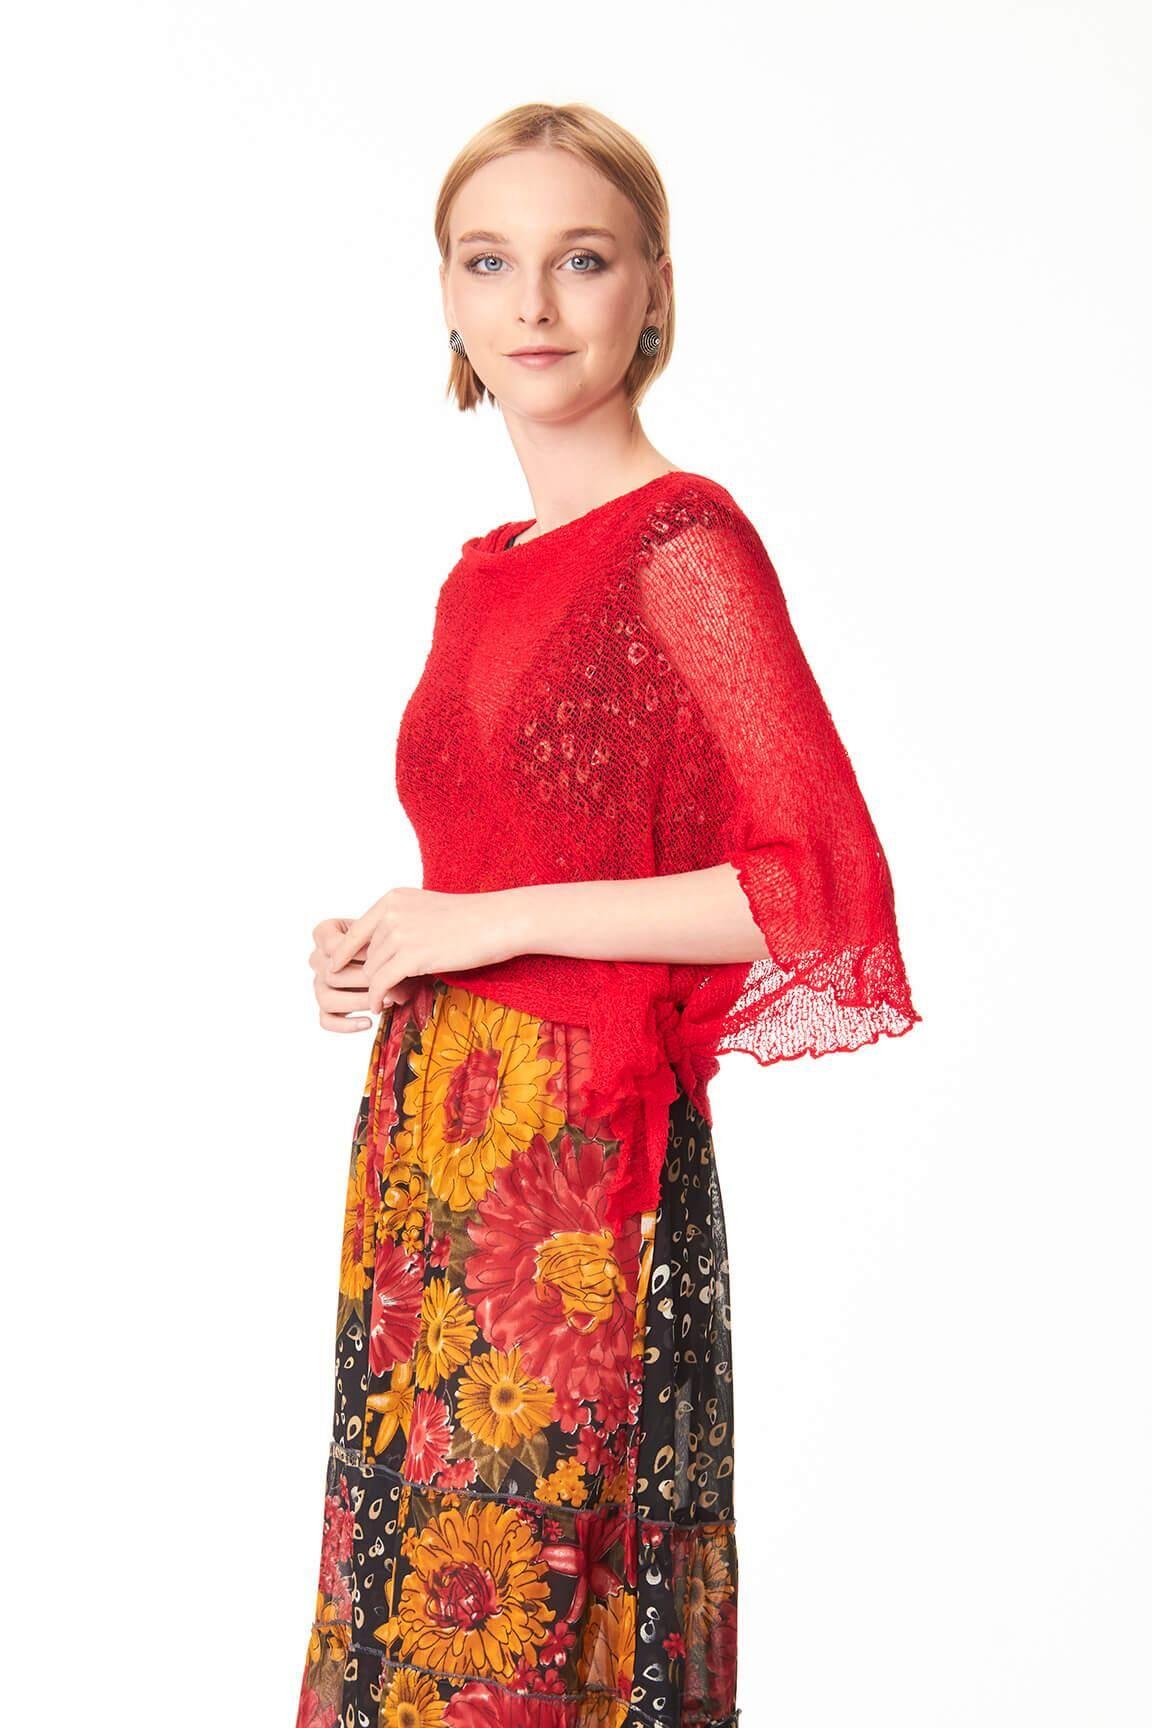 Controcorrente Group Ponchetto Rosso Passion   Accessorio moda donna